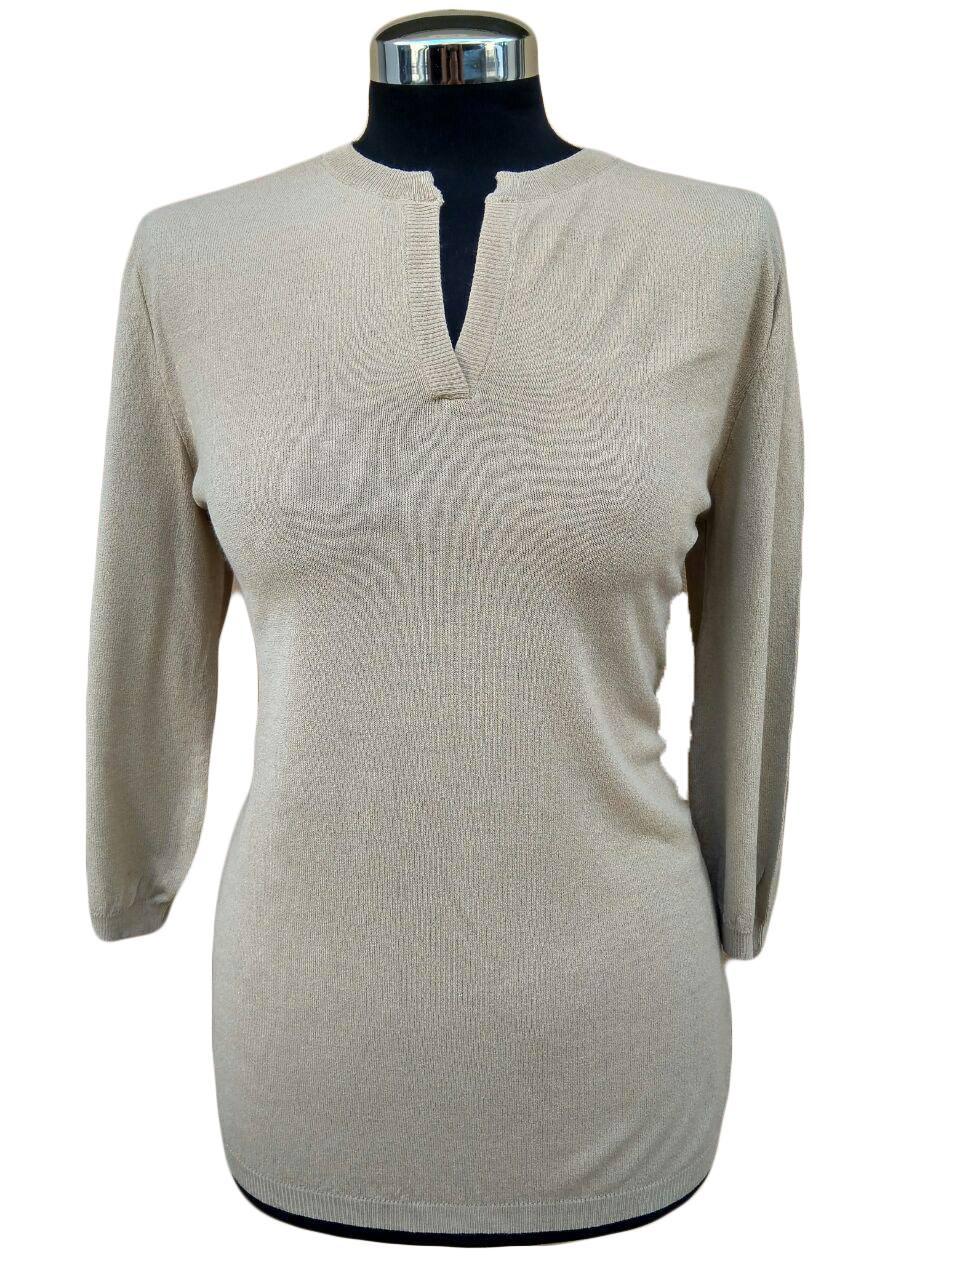 Maglia Serafino Beige - Beige Seraphine Sweater